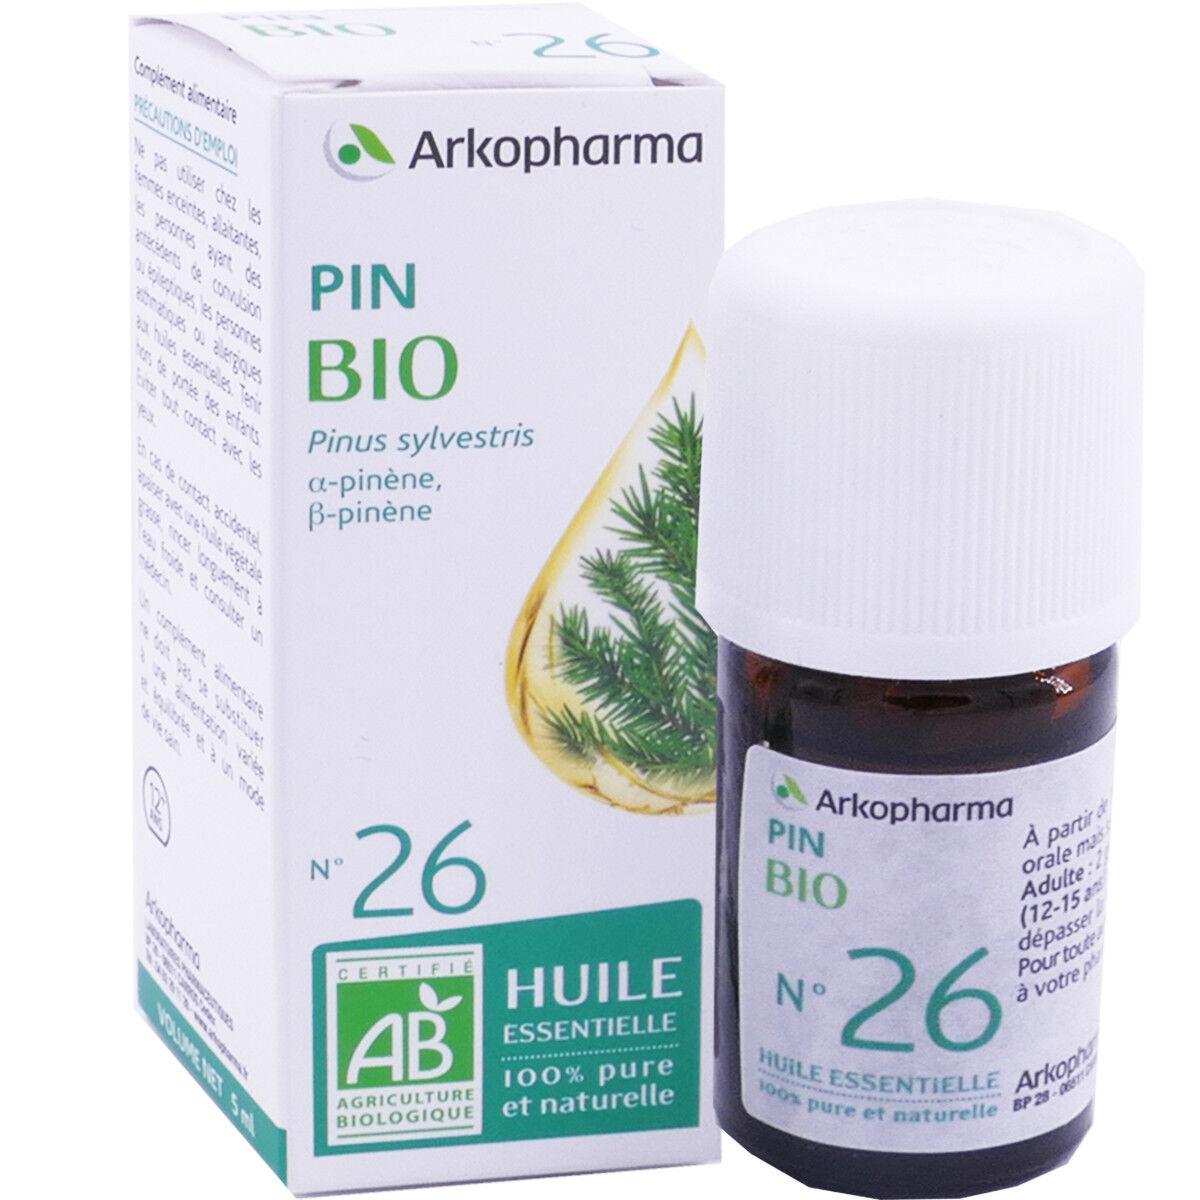 Arkopharma pin bio n°26 5 ml